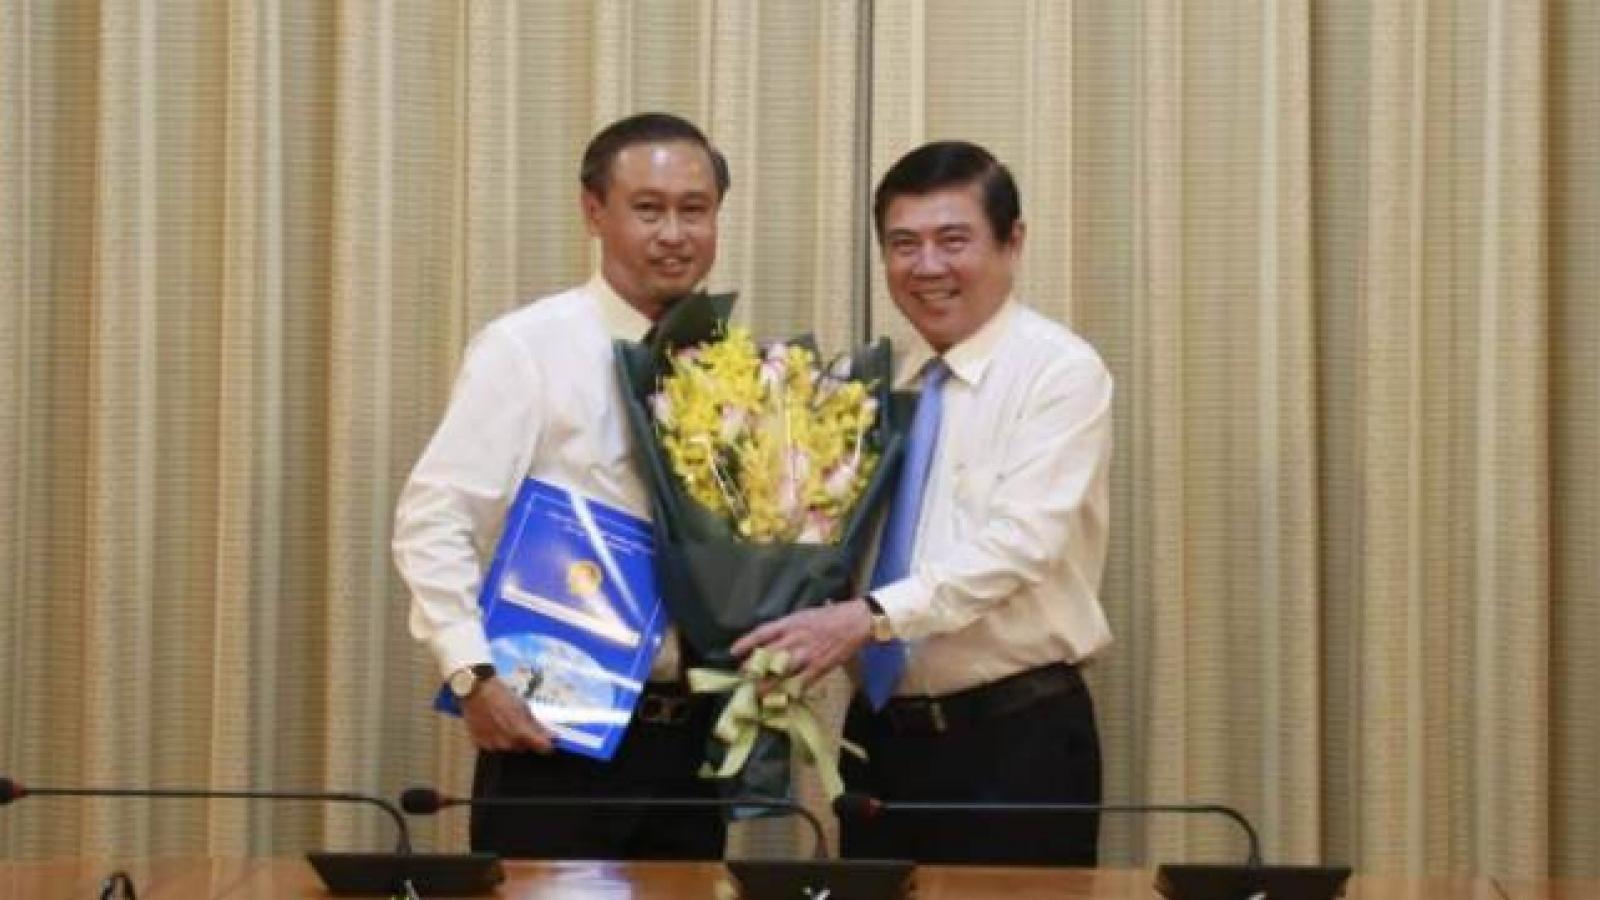 Giám đốc Sở Văn hóa Thể thao TPHCM được điều động làm Giám đốc Sở Nội vụ